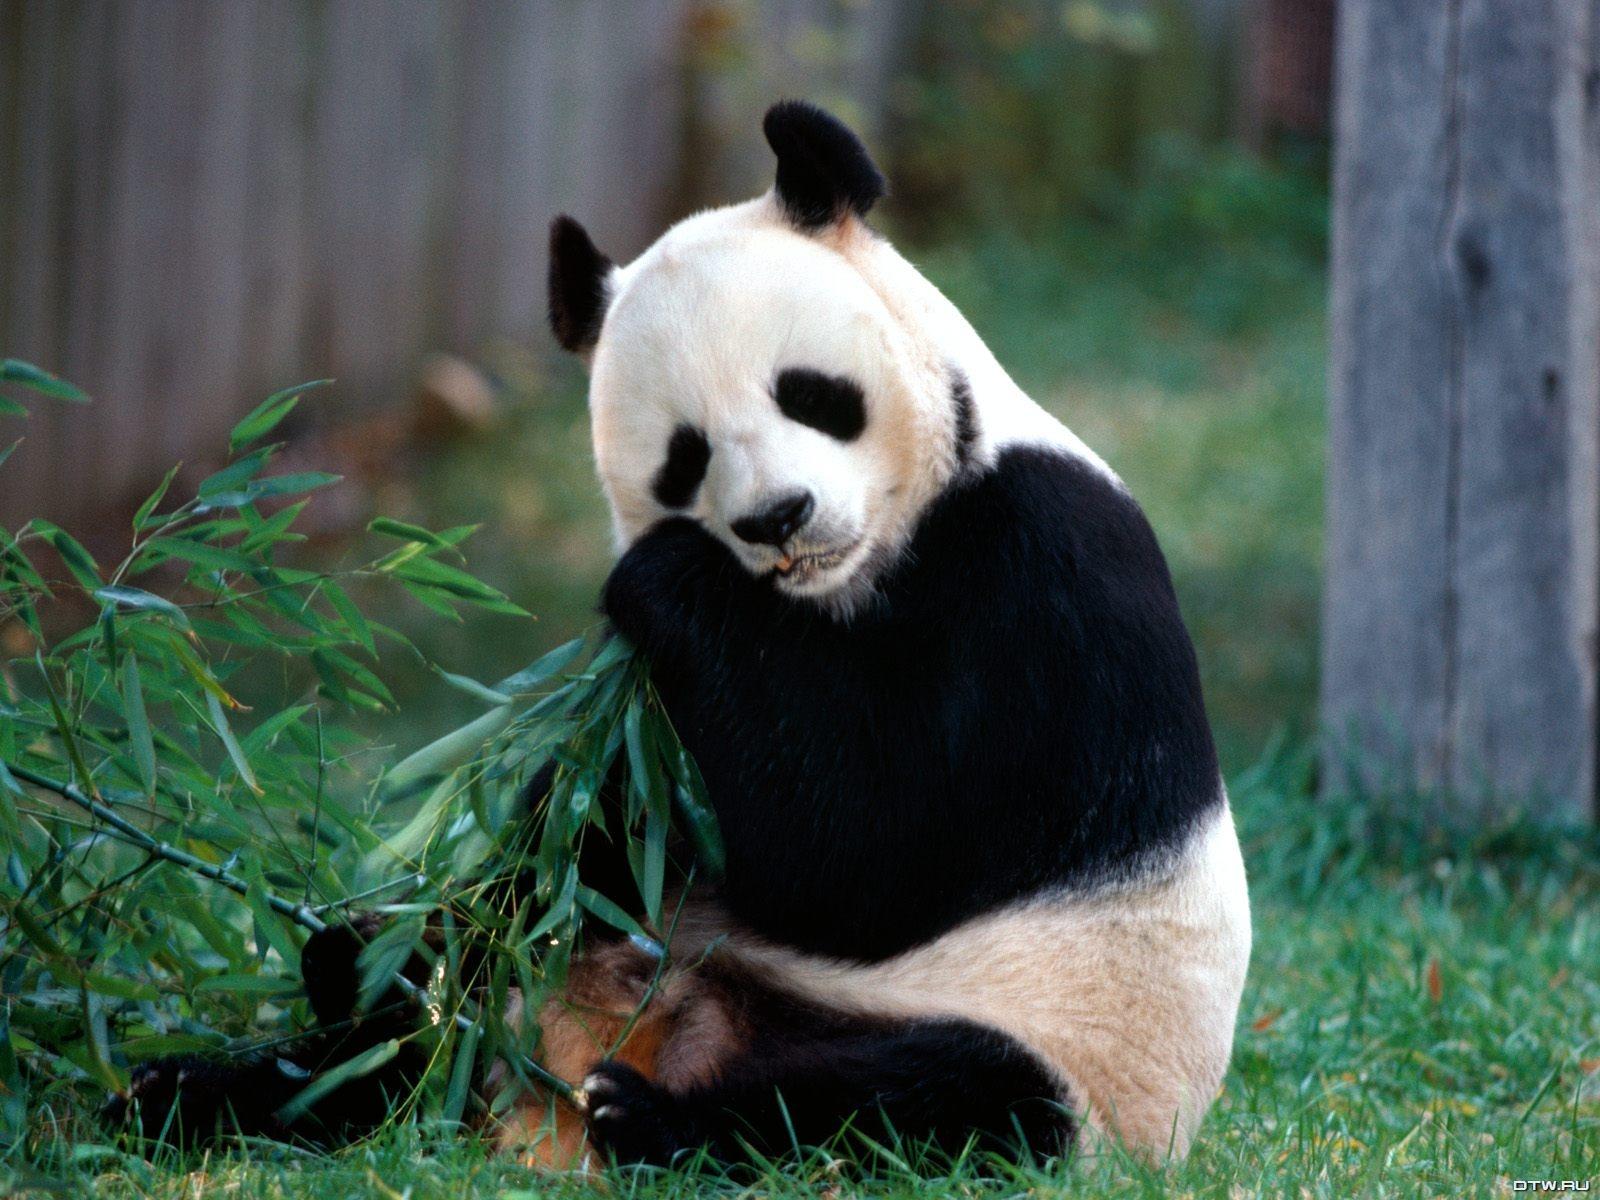 Panda Wallpaper Wallpaper Panda Baby Panda Wallpaper Panda 1600x1200